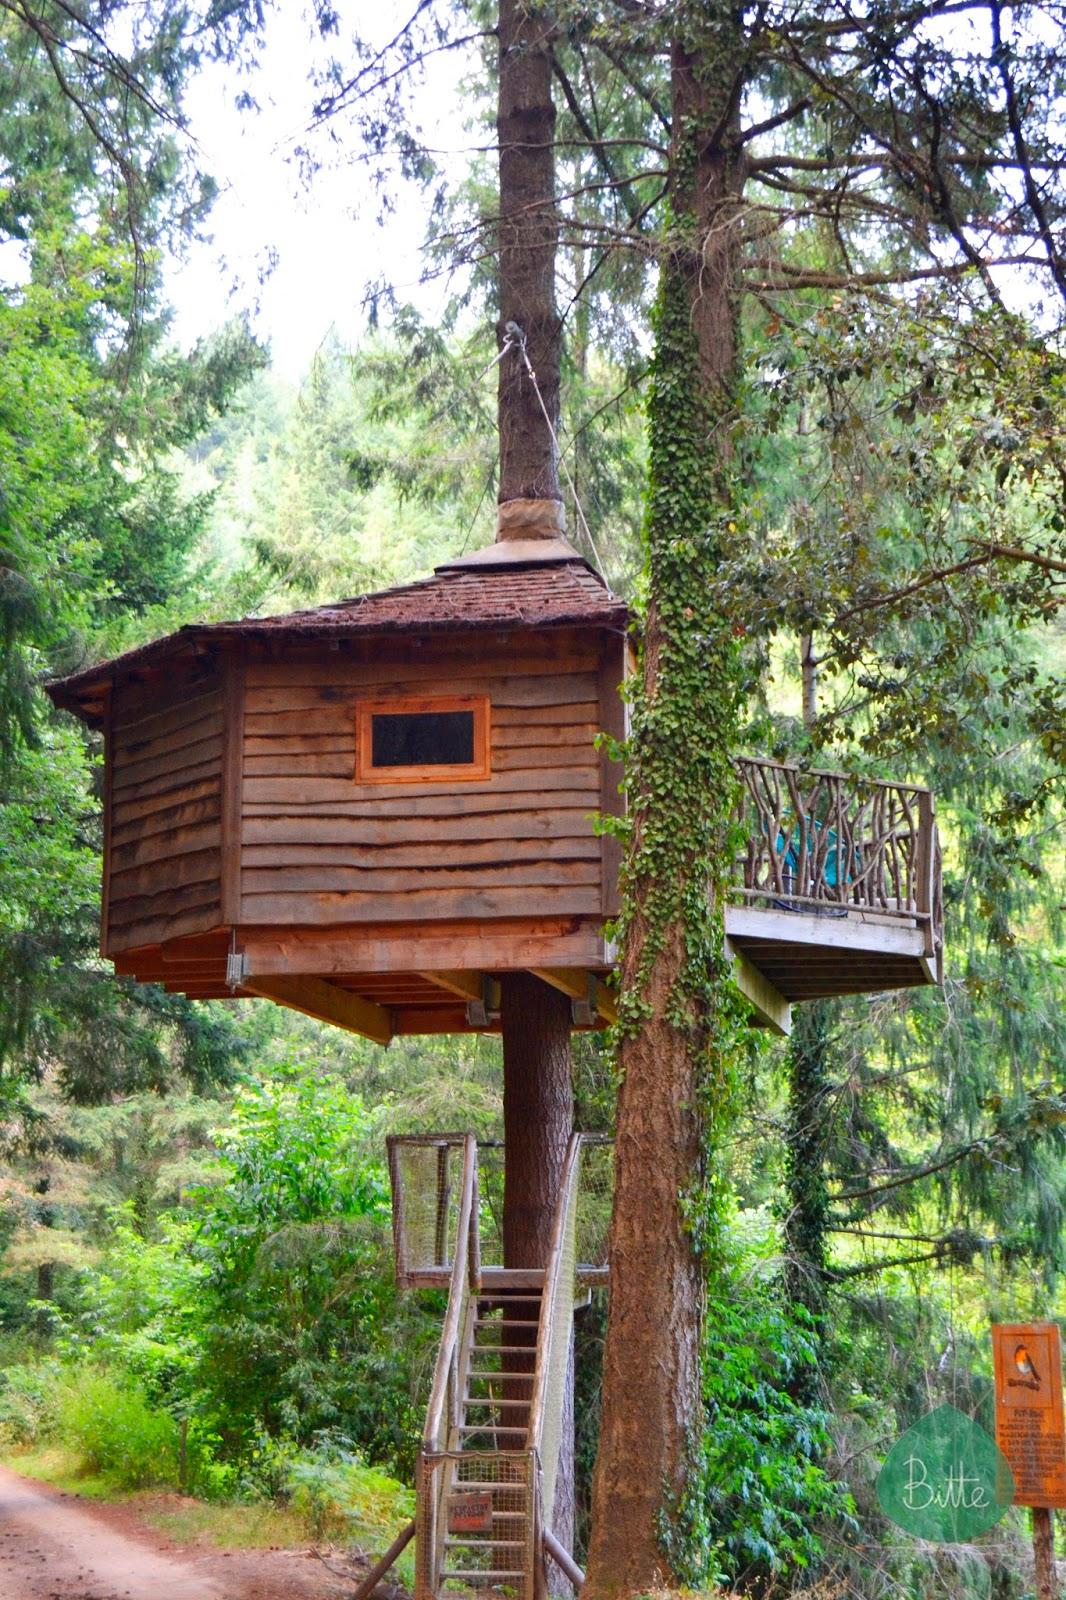 Bitte durmiendo en los rboles - Casas en los arboles sant hilari ...